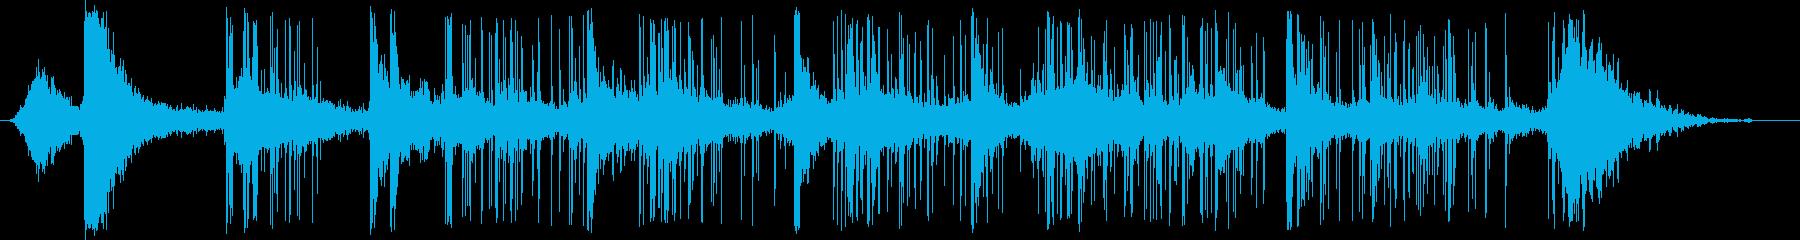 花火とBus騒の再生済みの波形